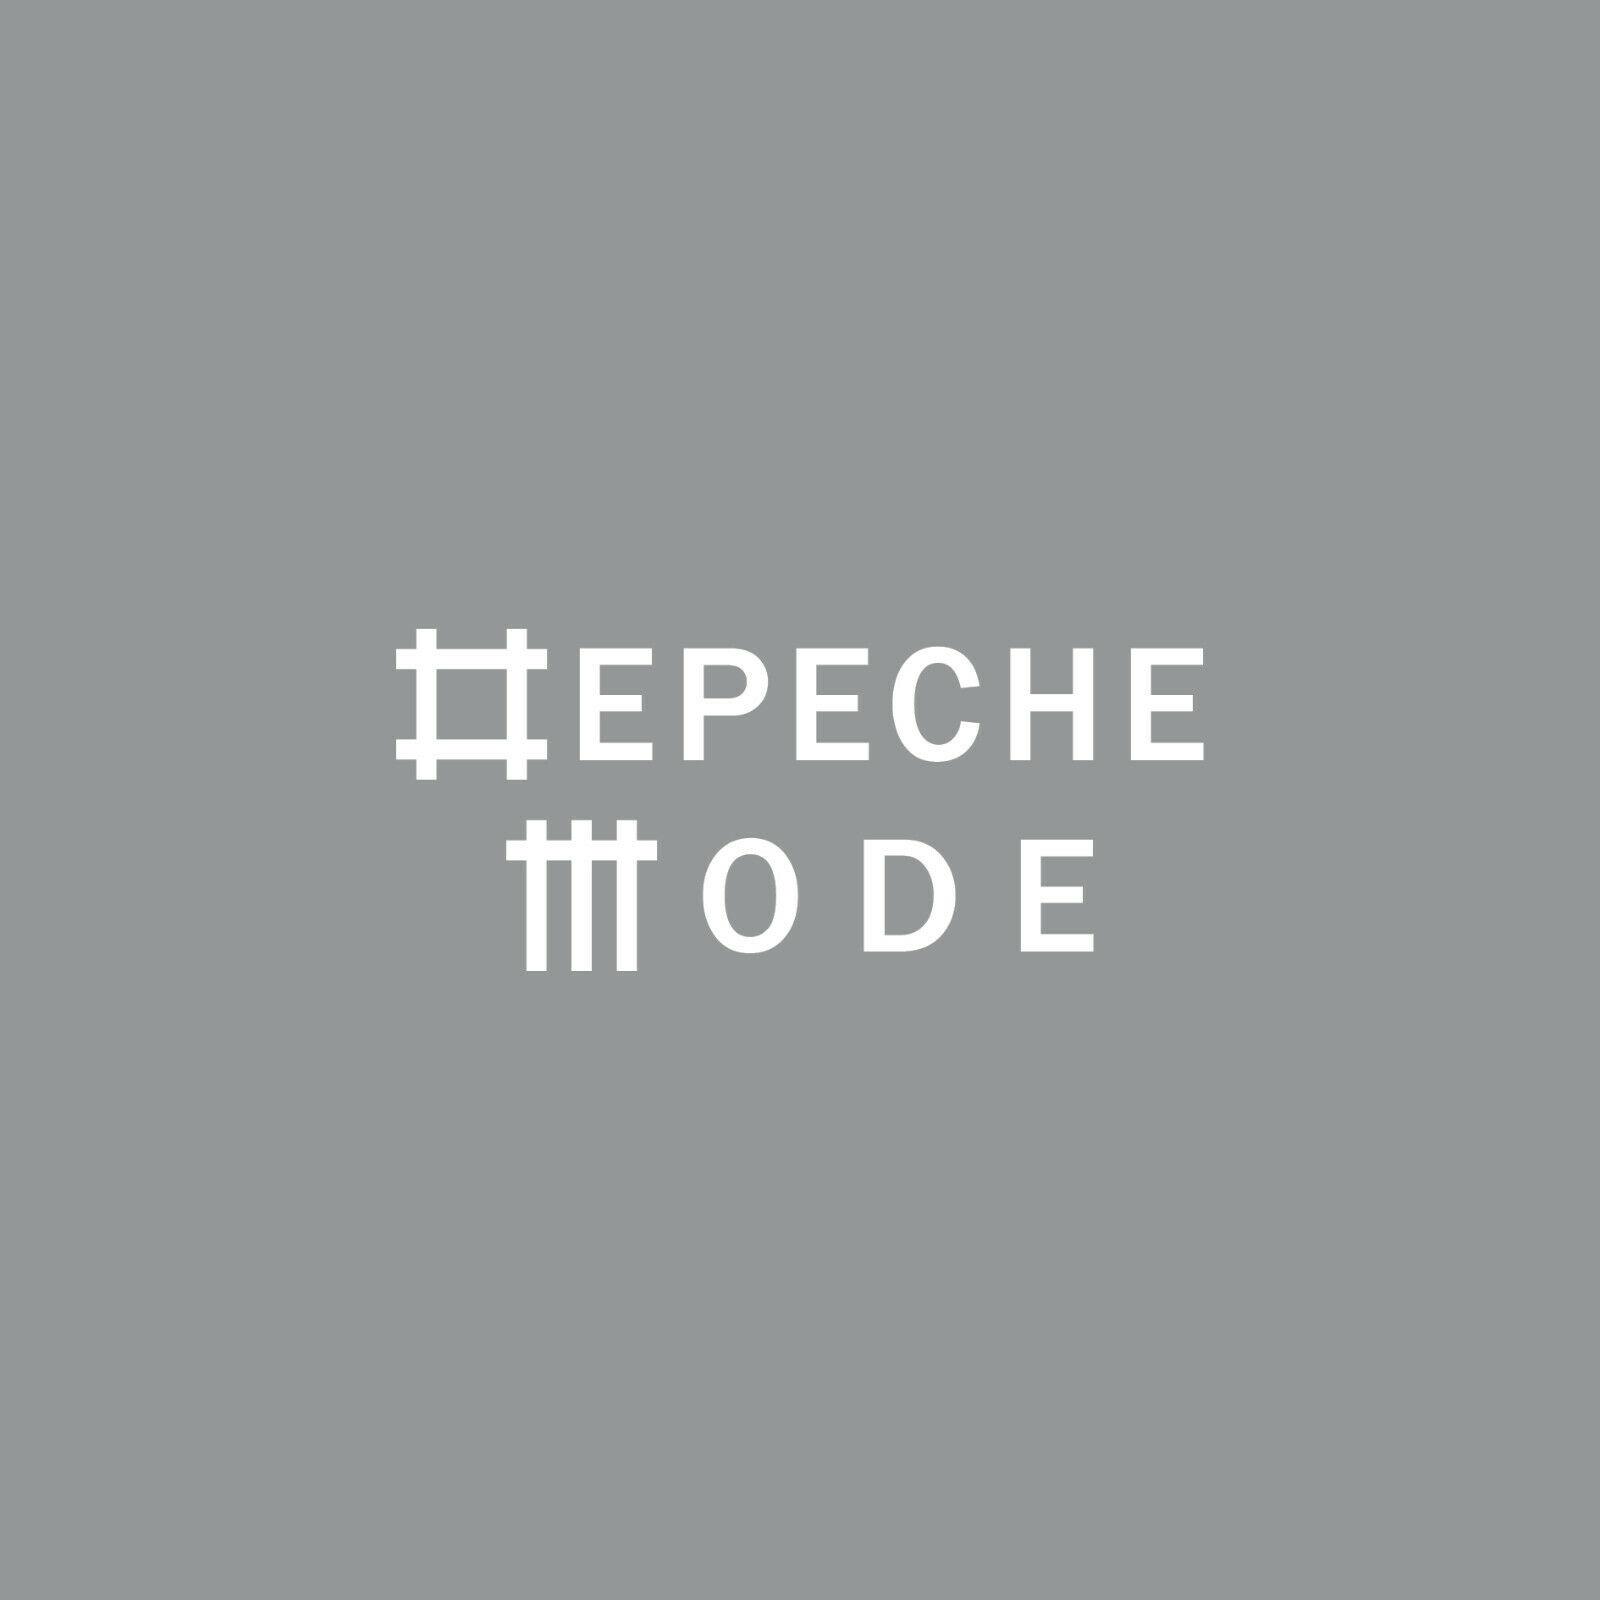 Universe Weiß S Schriftzug Auto Fenster Tür Folie Depeche Mode Aufkleber Tattoo